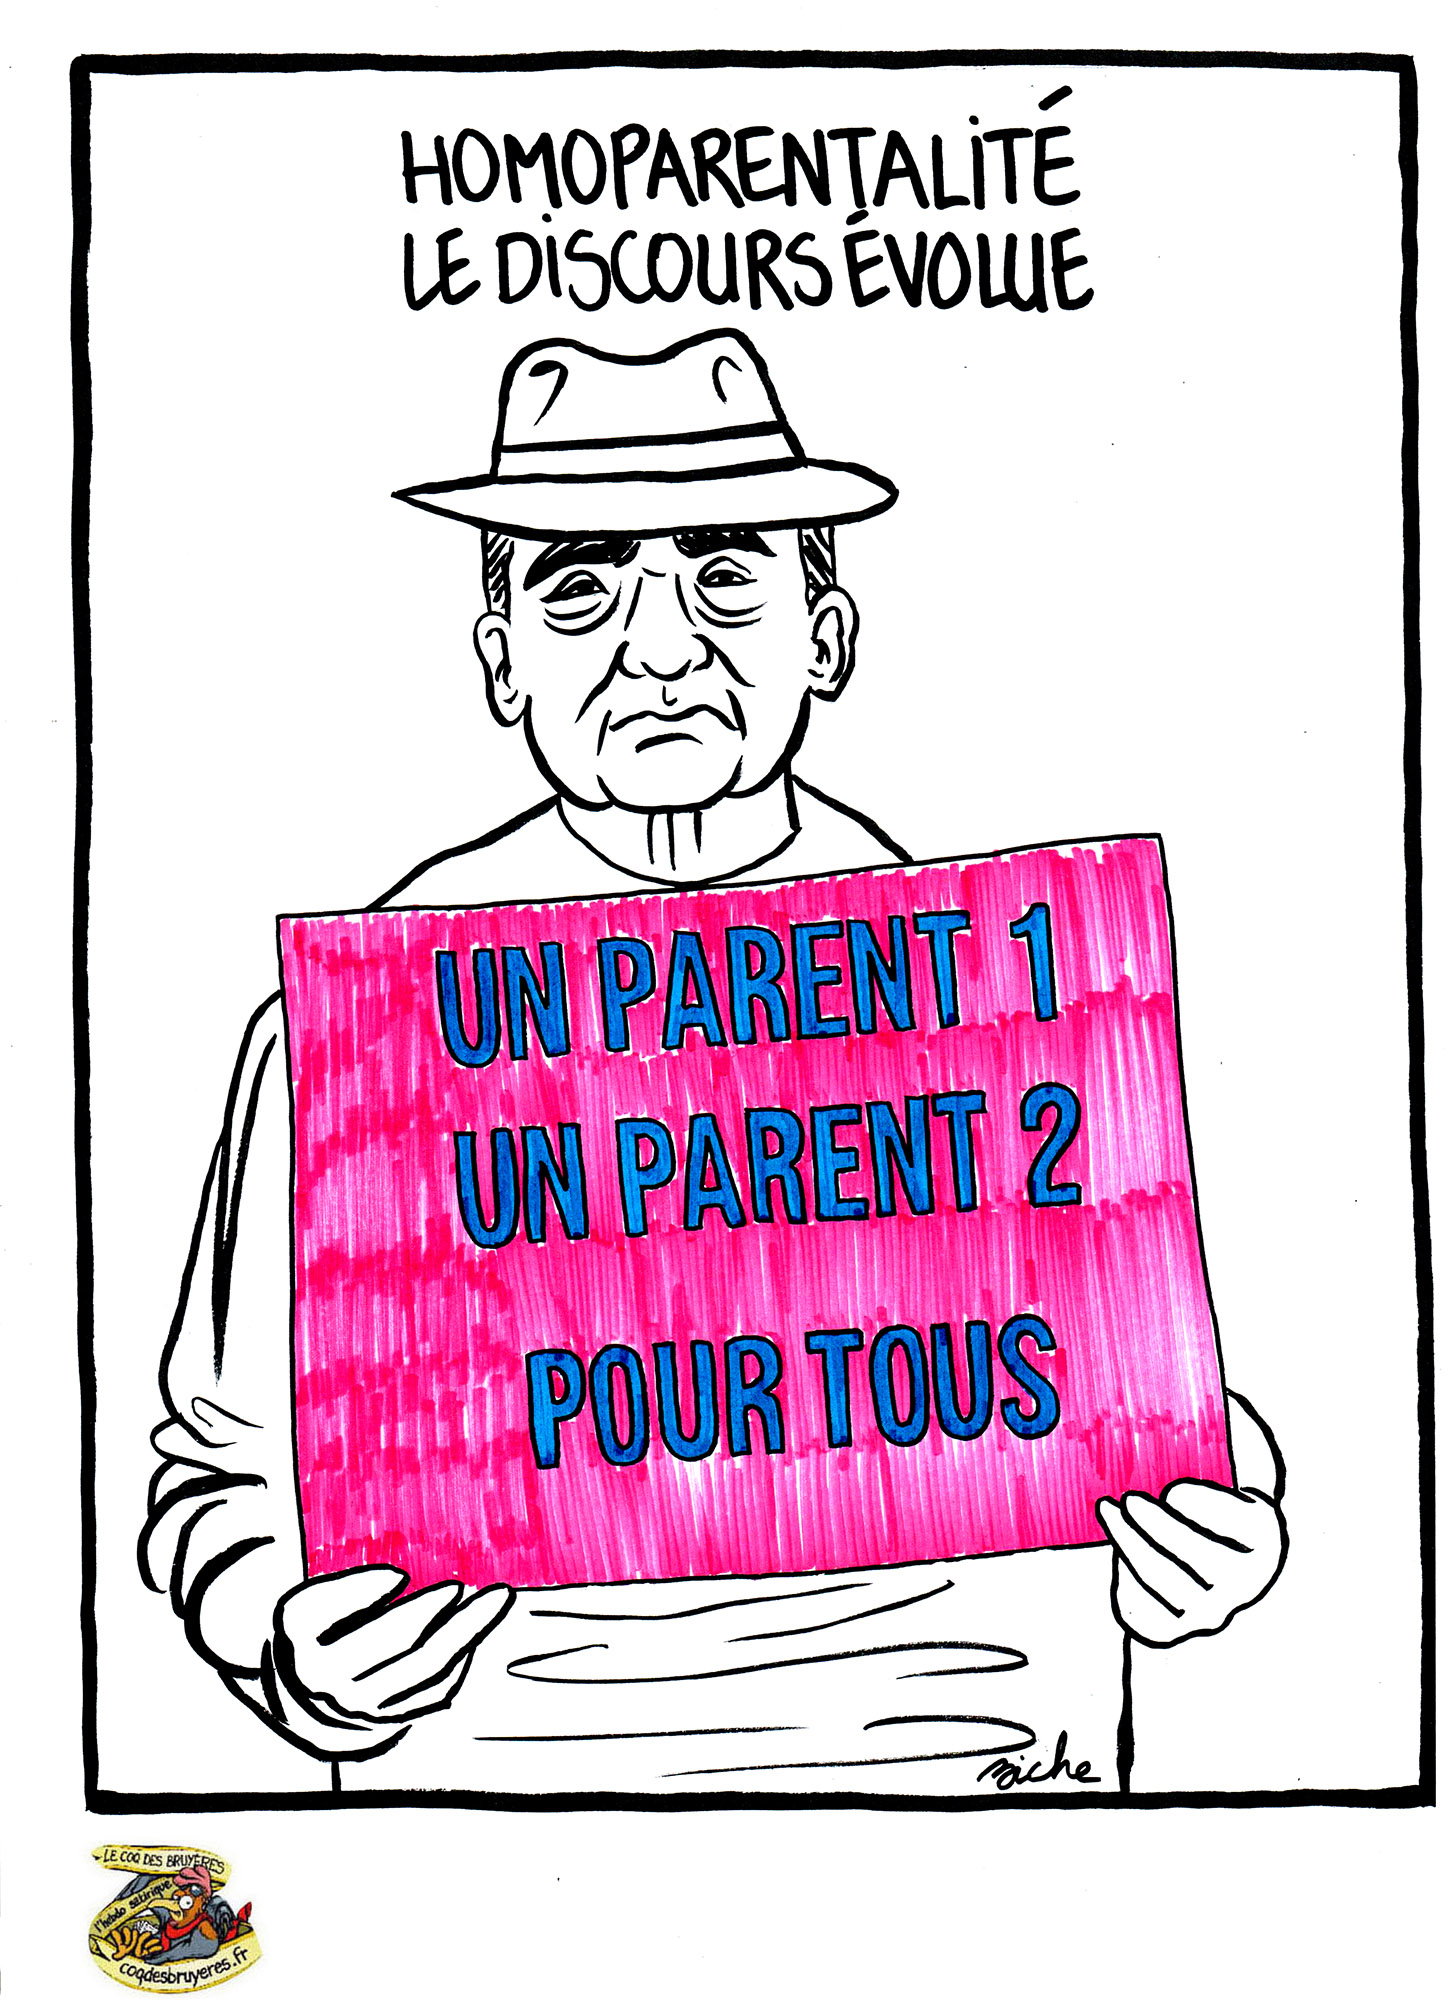 Parent 1, parent couille?